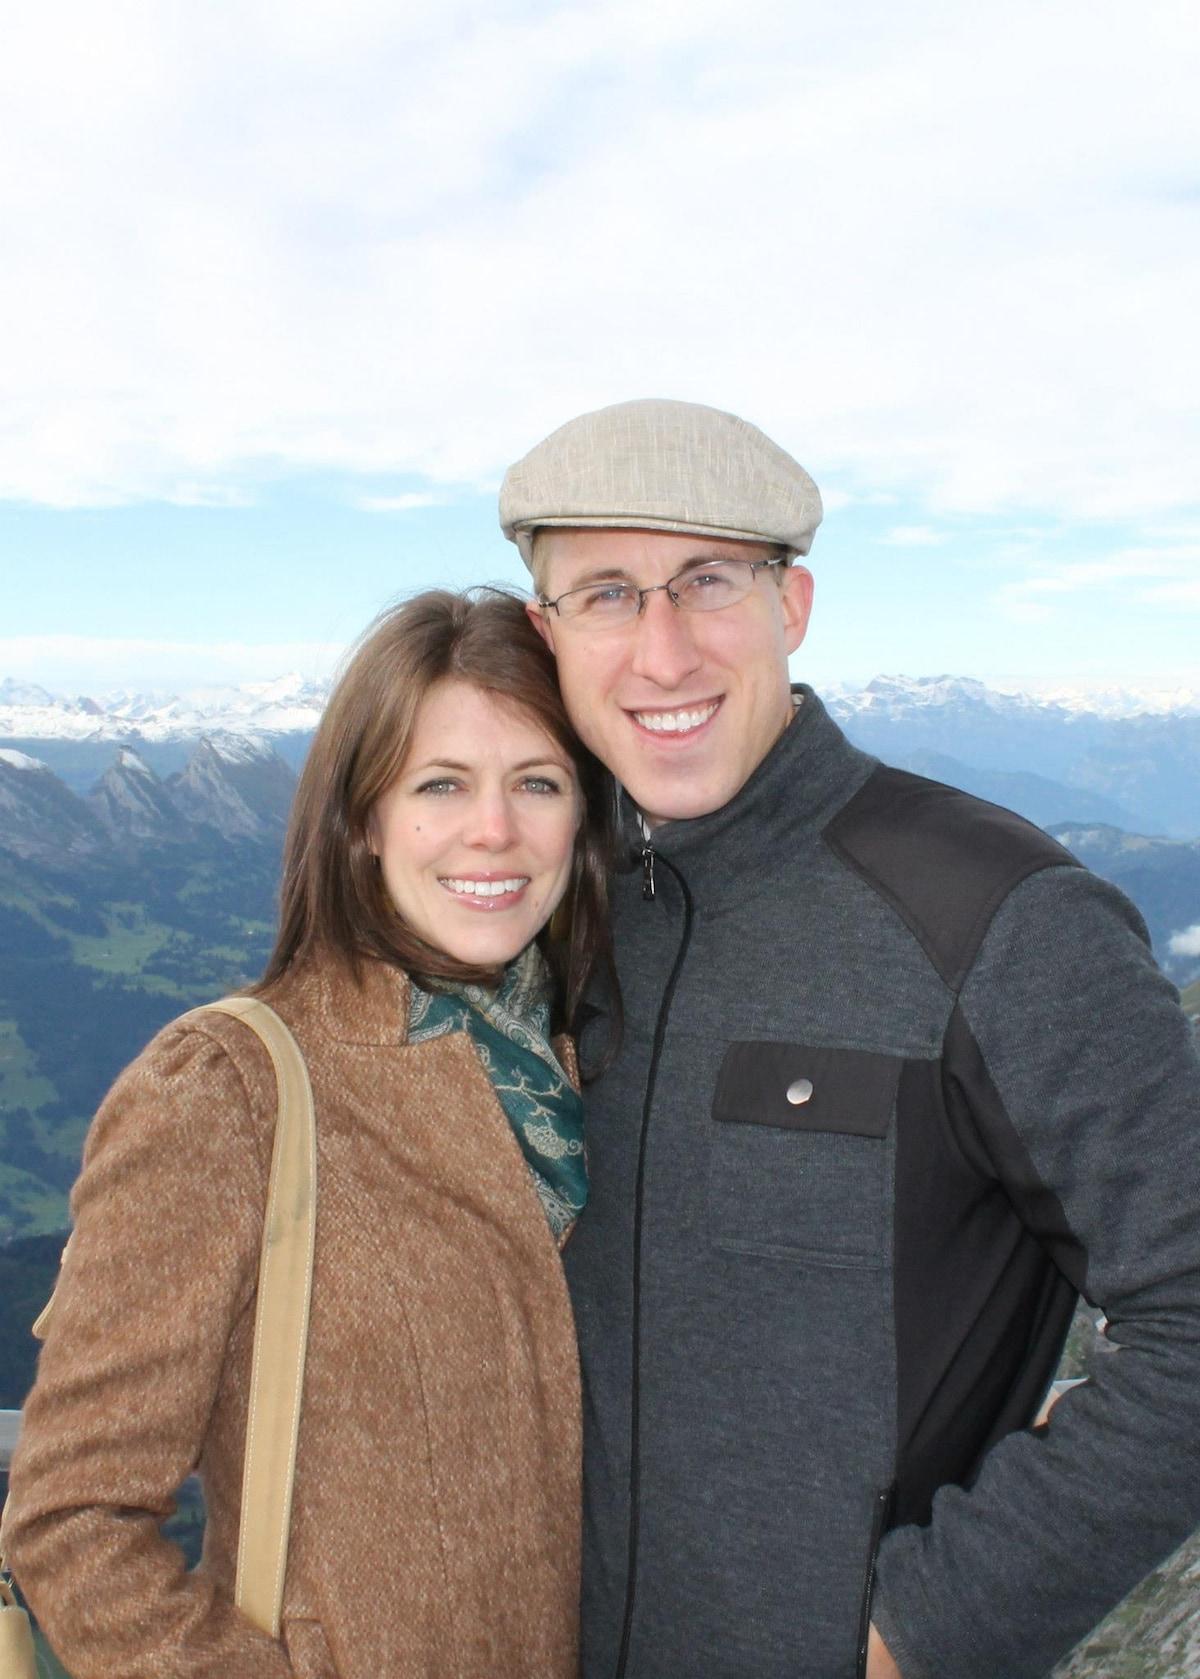 Gregg & Katie